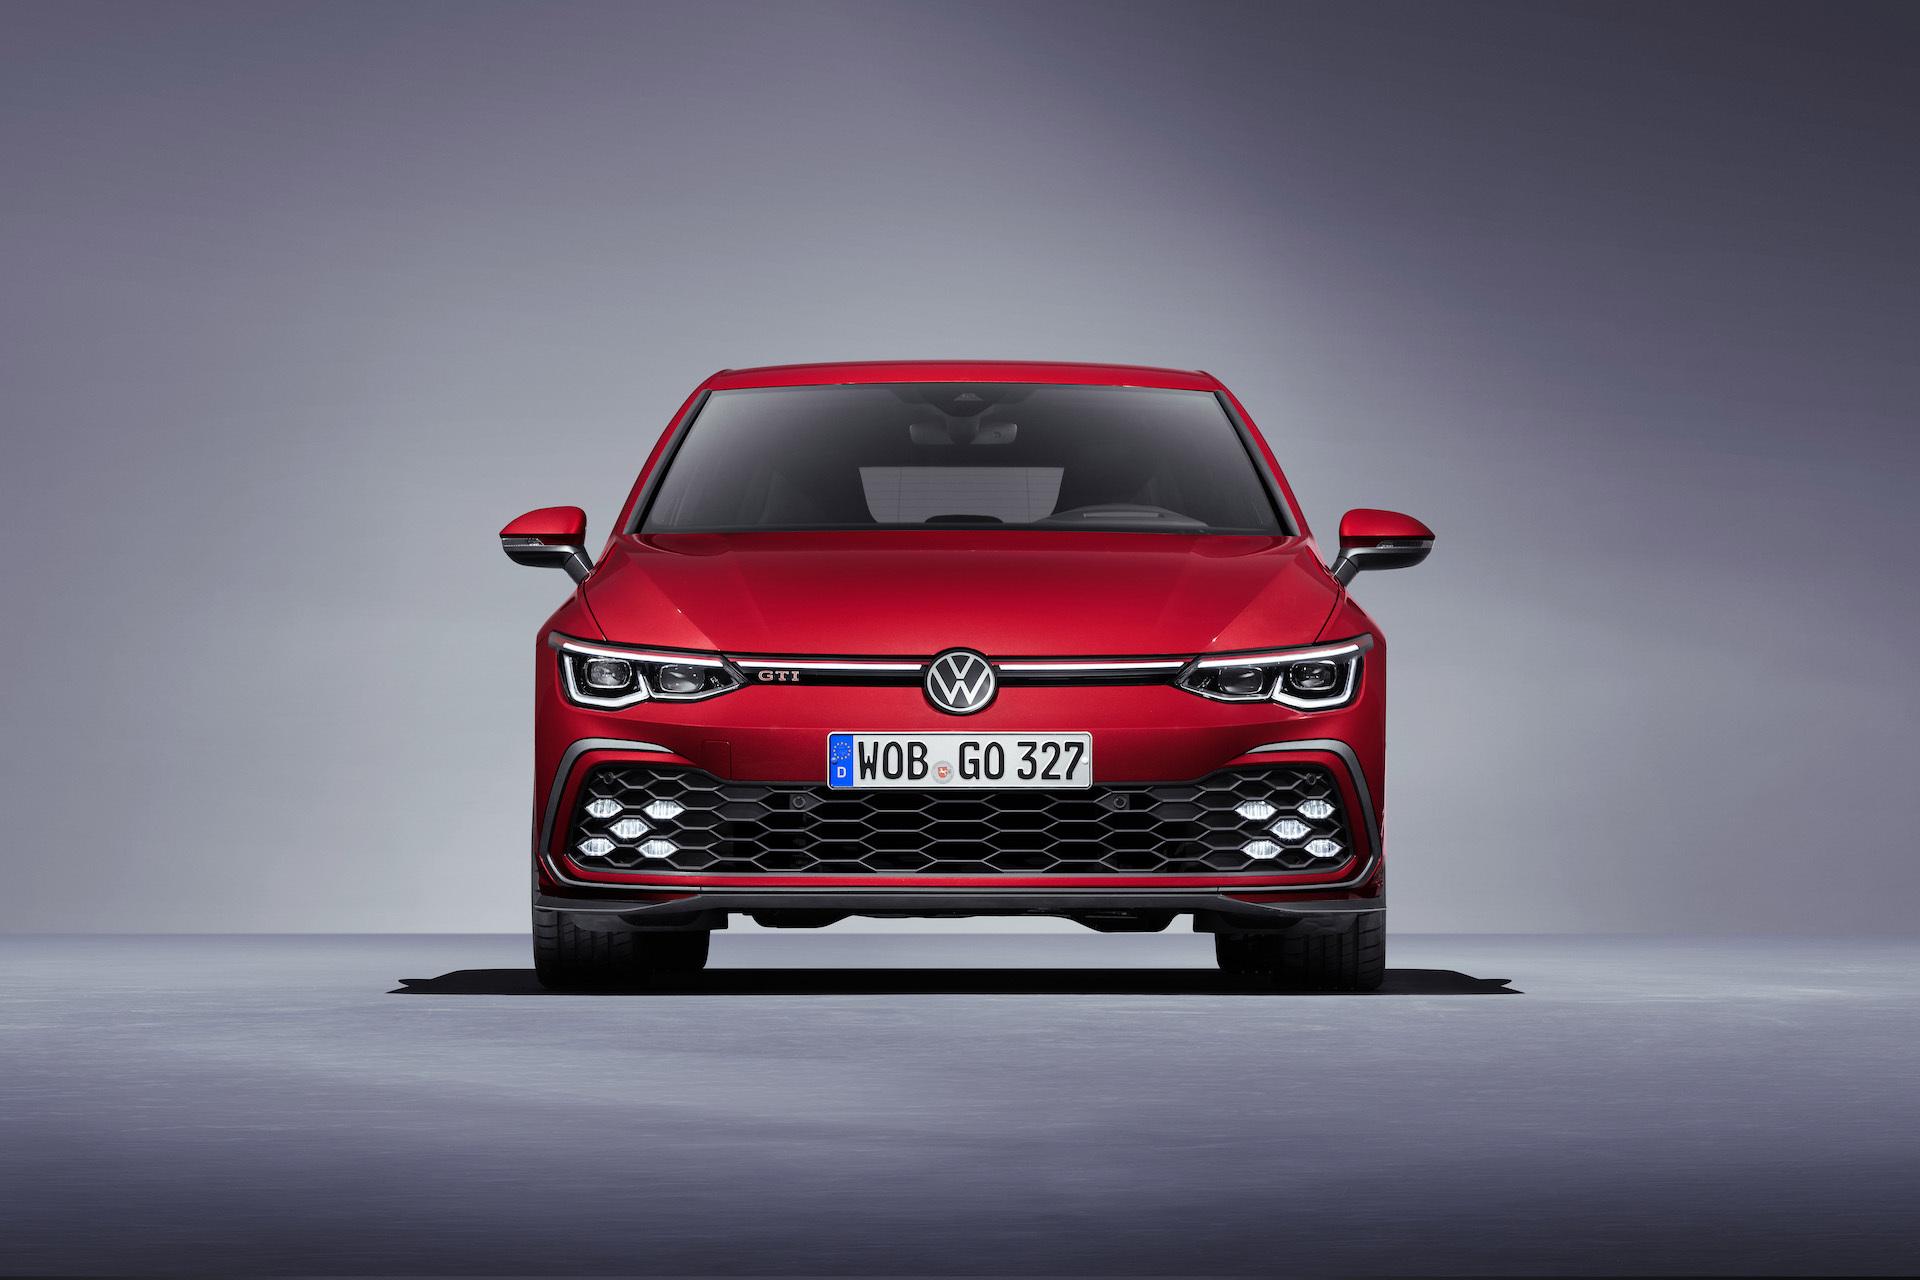 Volkswagen Golf Gti 2020 Todos Los Detalles El Mito Se Renueva Ahora Con 245 Cv Video Diariomotor